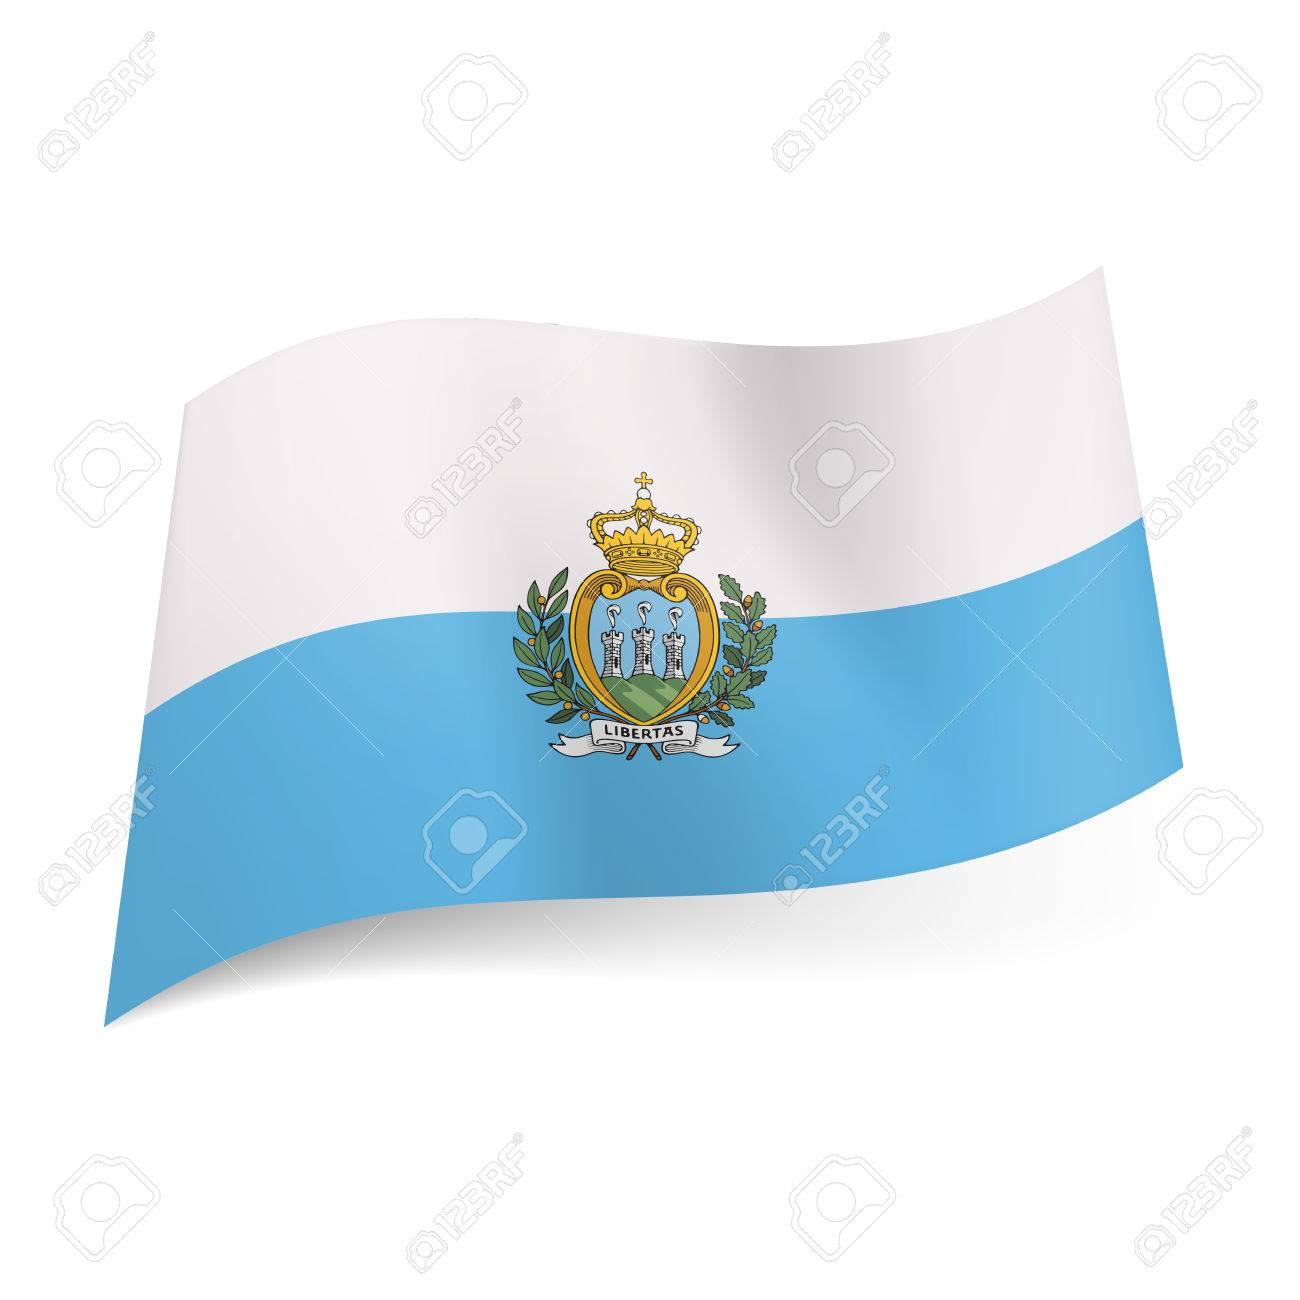 サンマリノの国旗 白と青のストライプを水平中心紋章 のイラスト素材